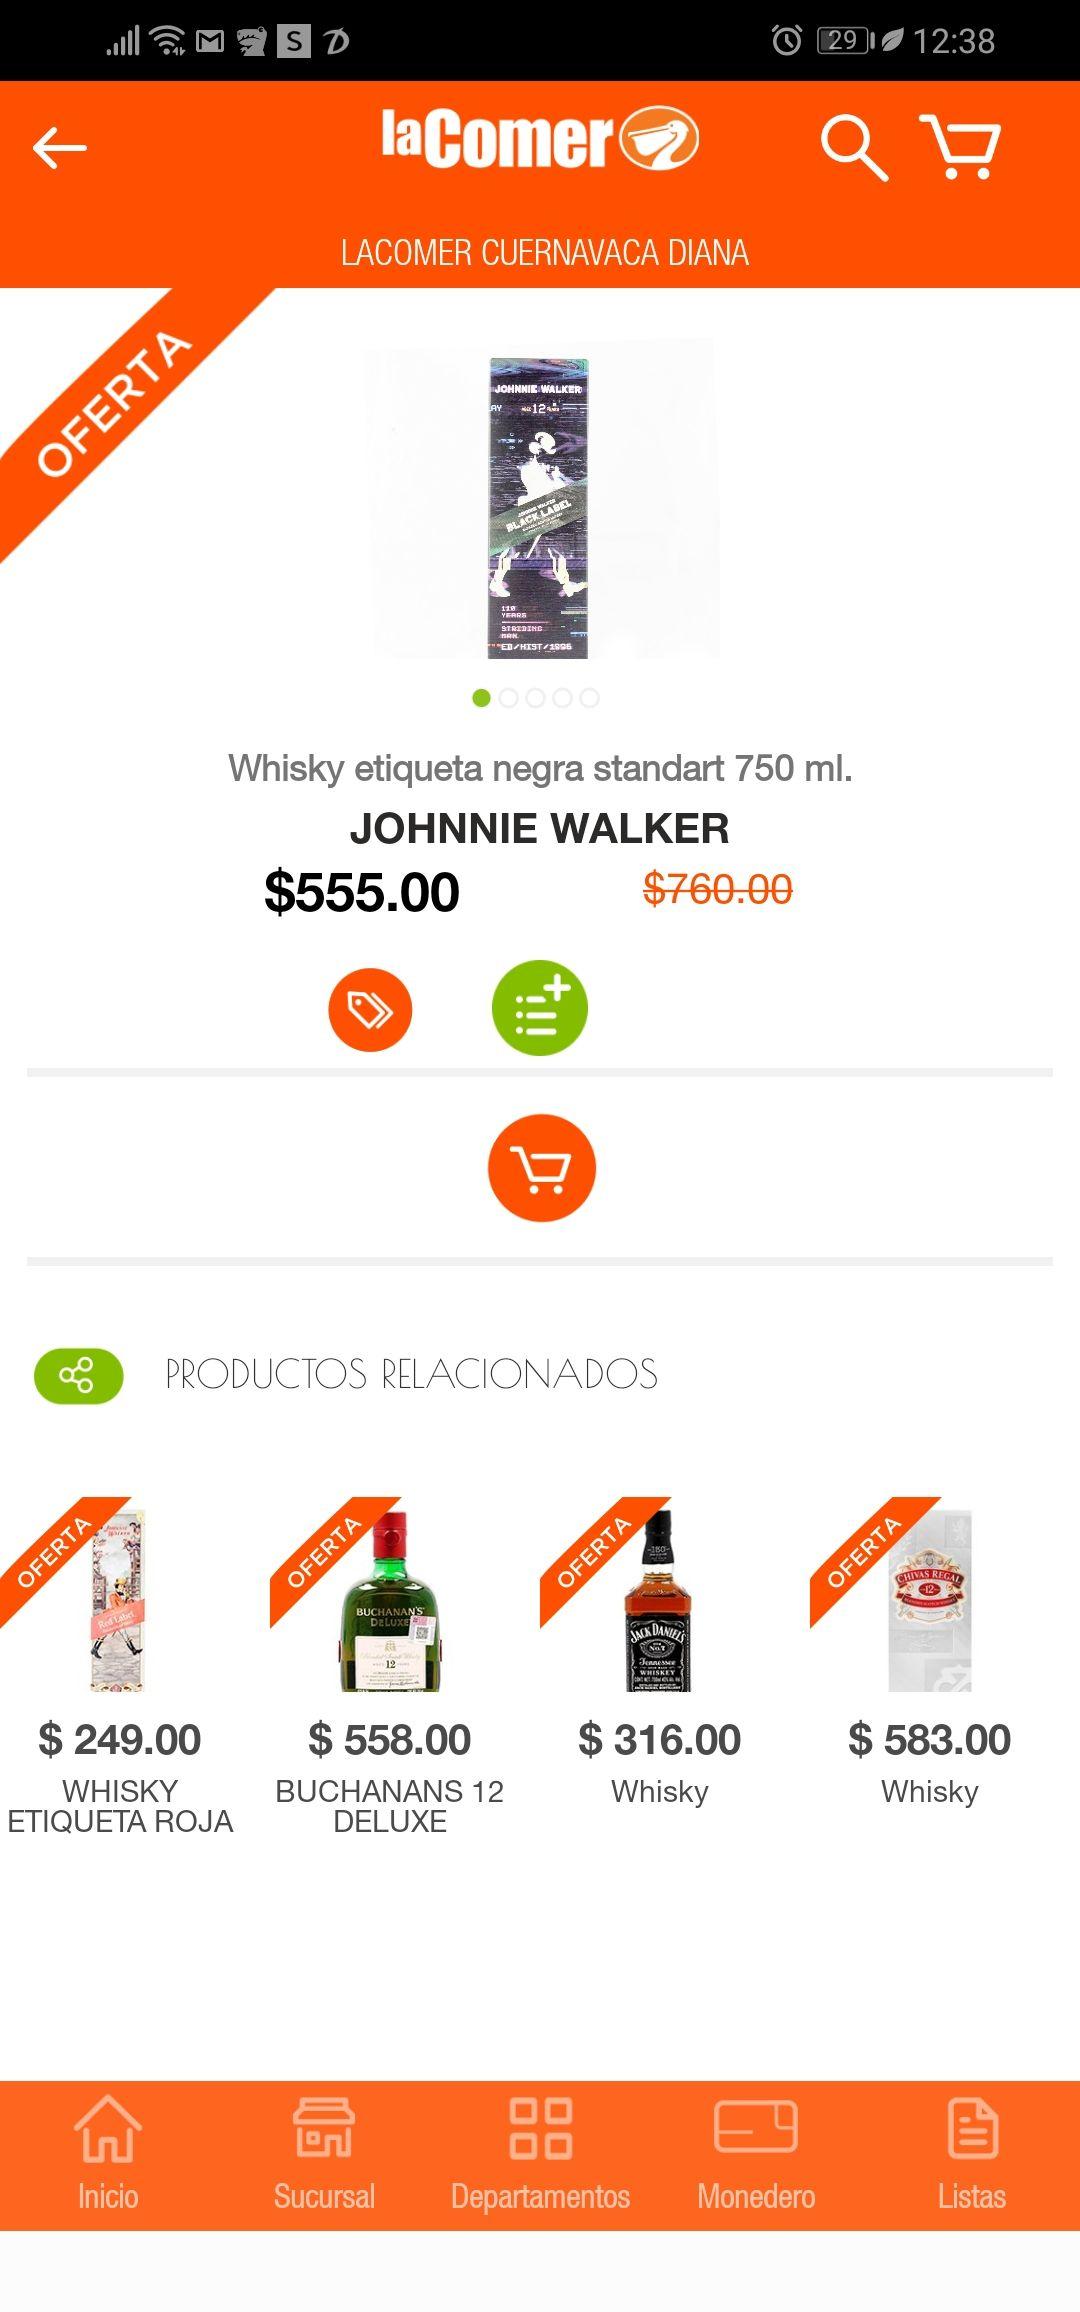 La comer: Johnnie walker black label